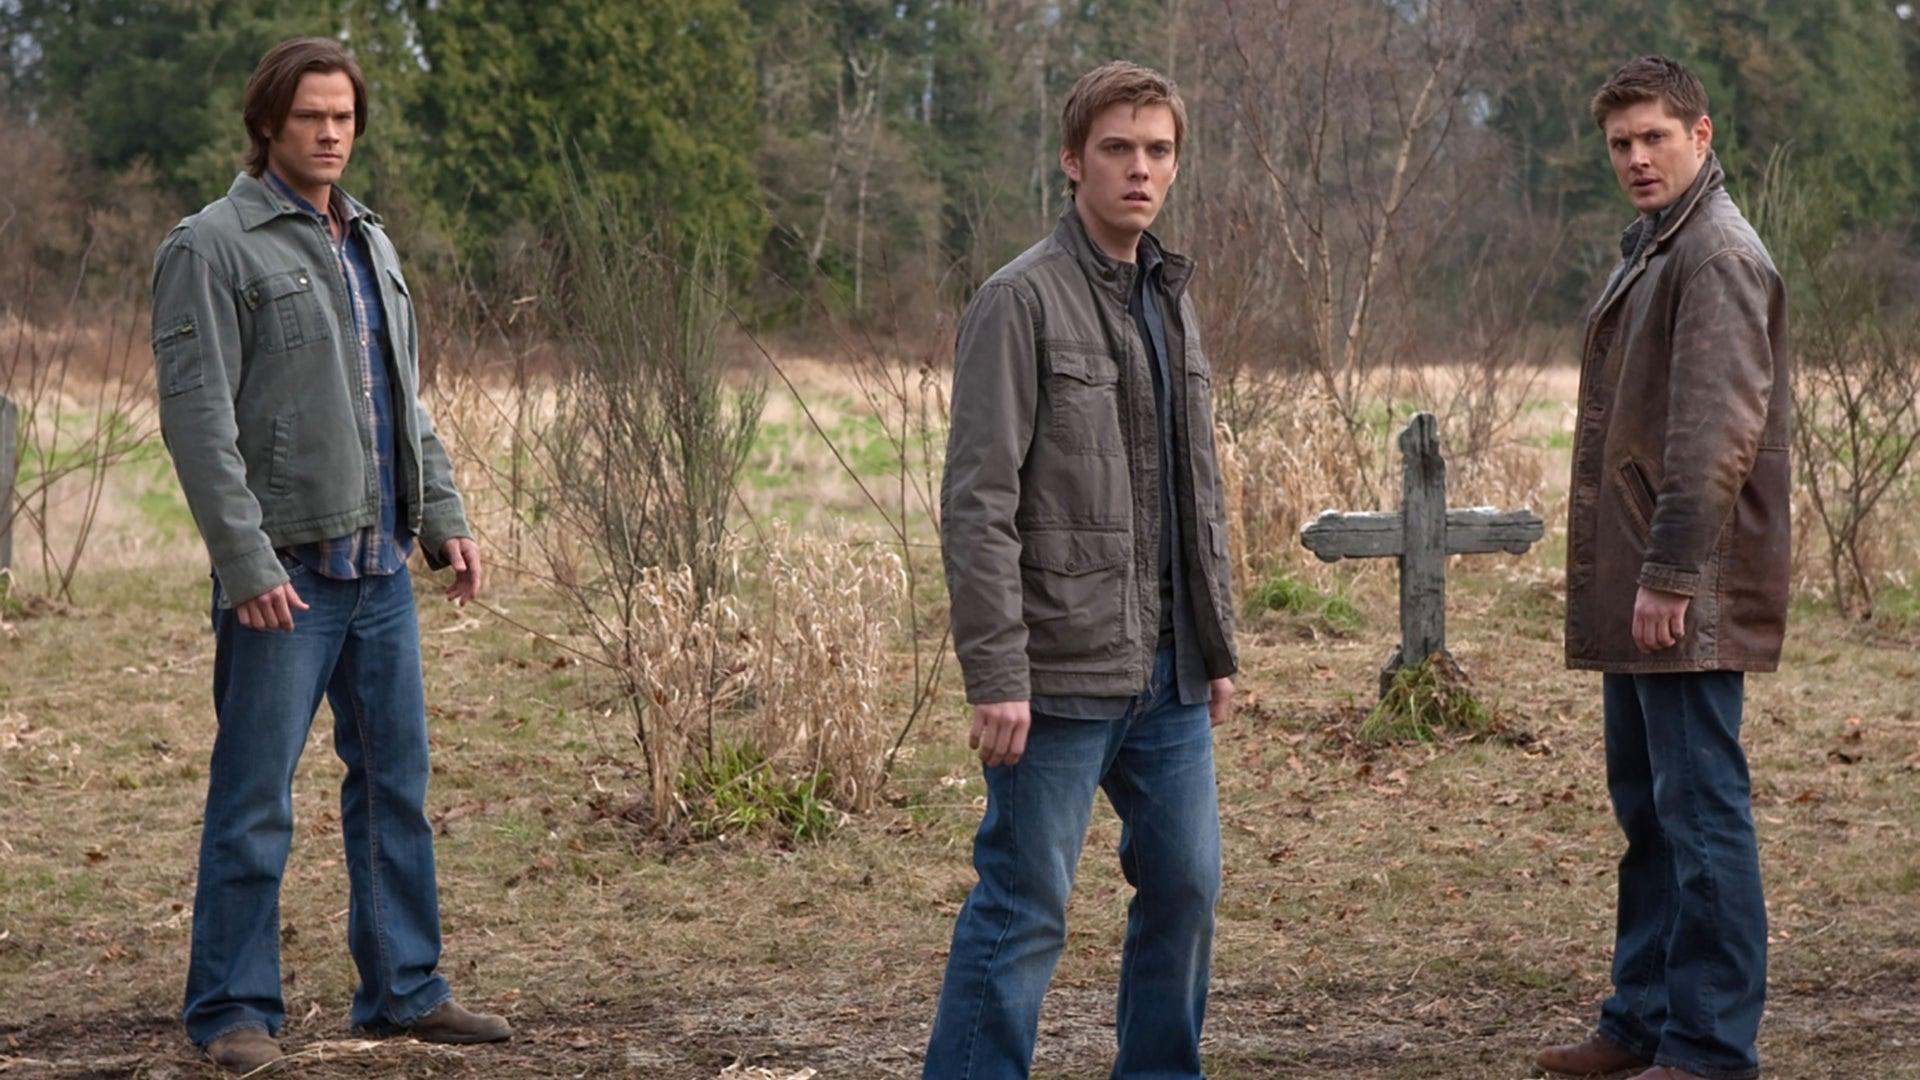 Jared Padalecki, Jake Abel and Jensen Ackles, Supernatural